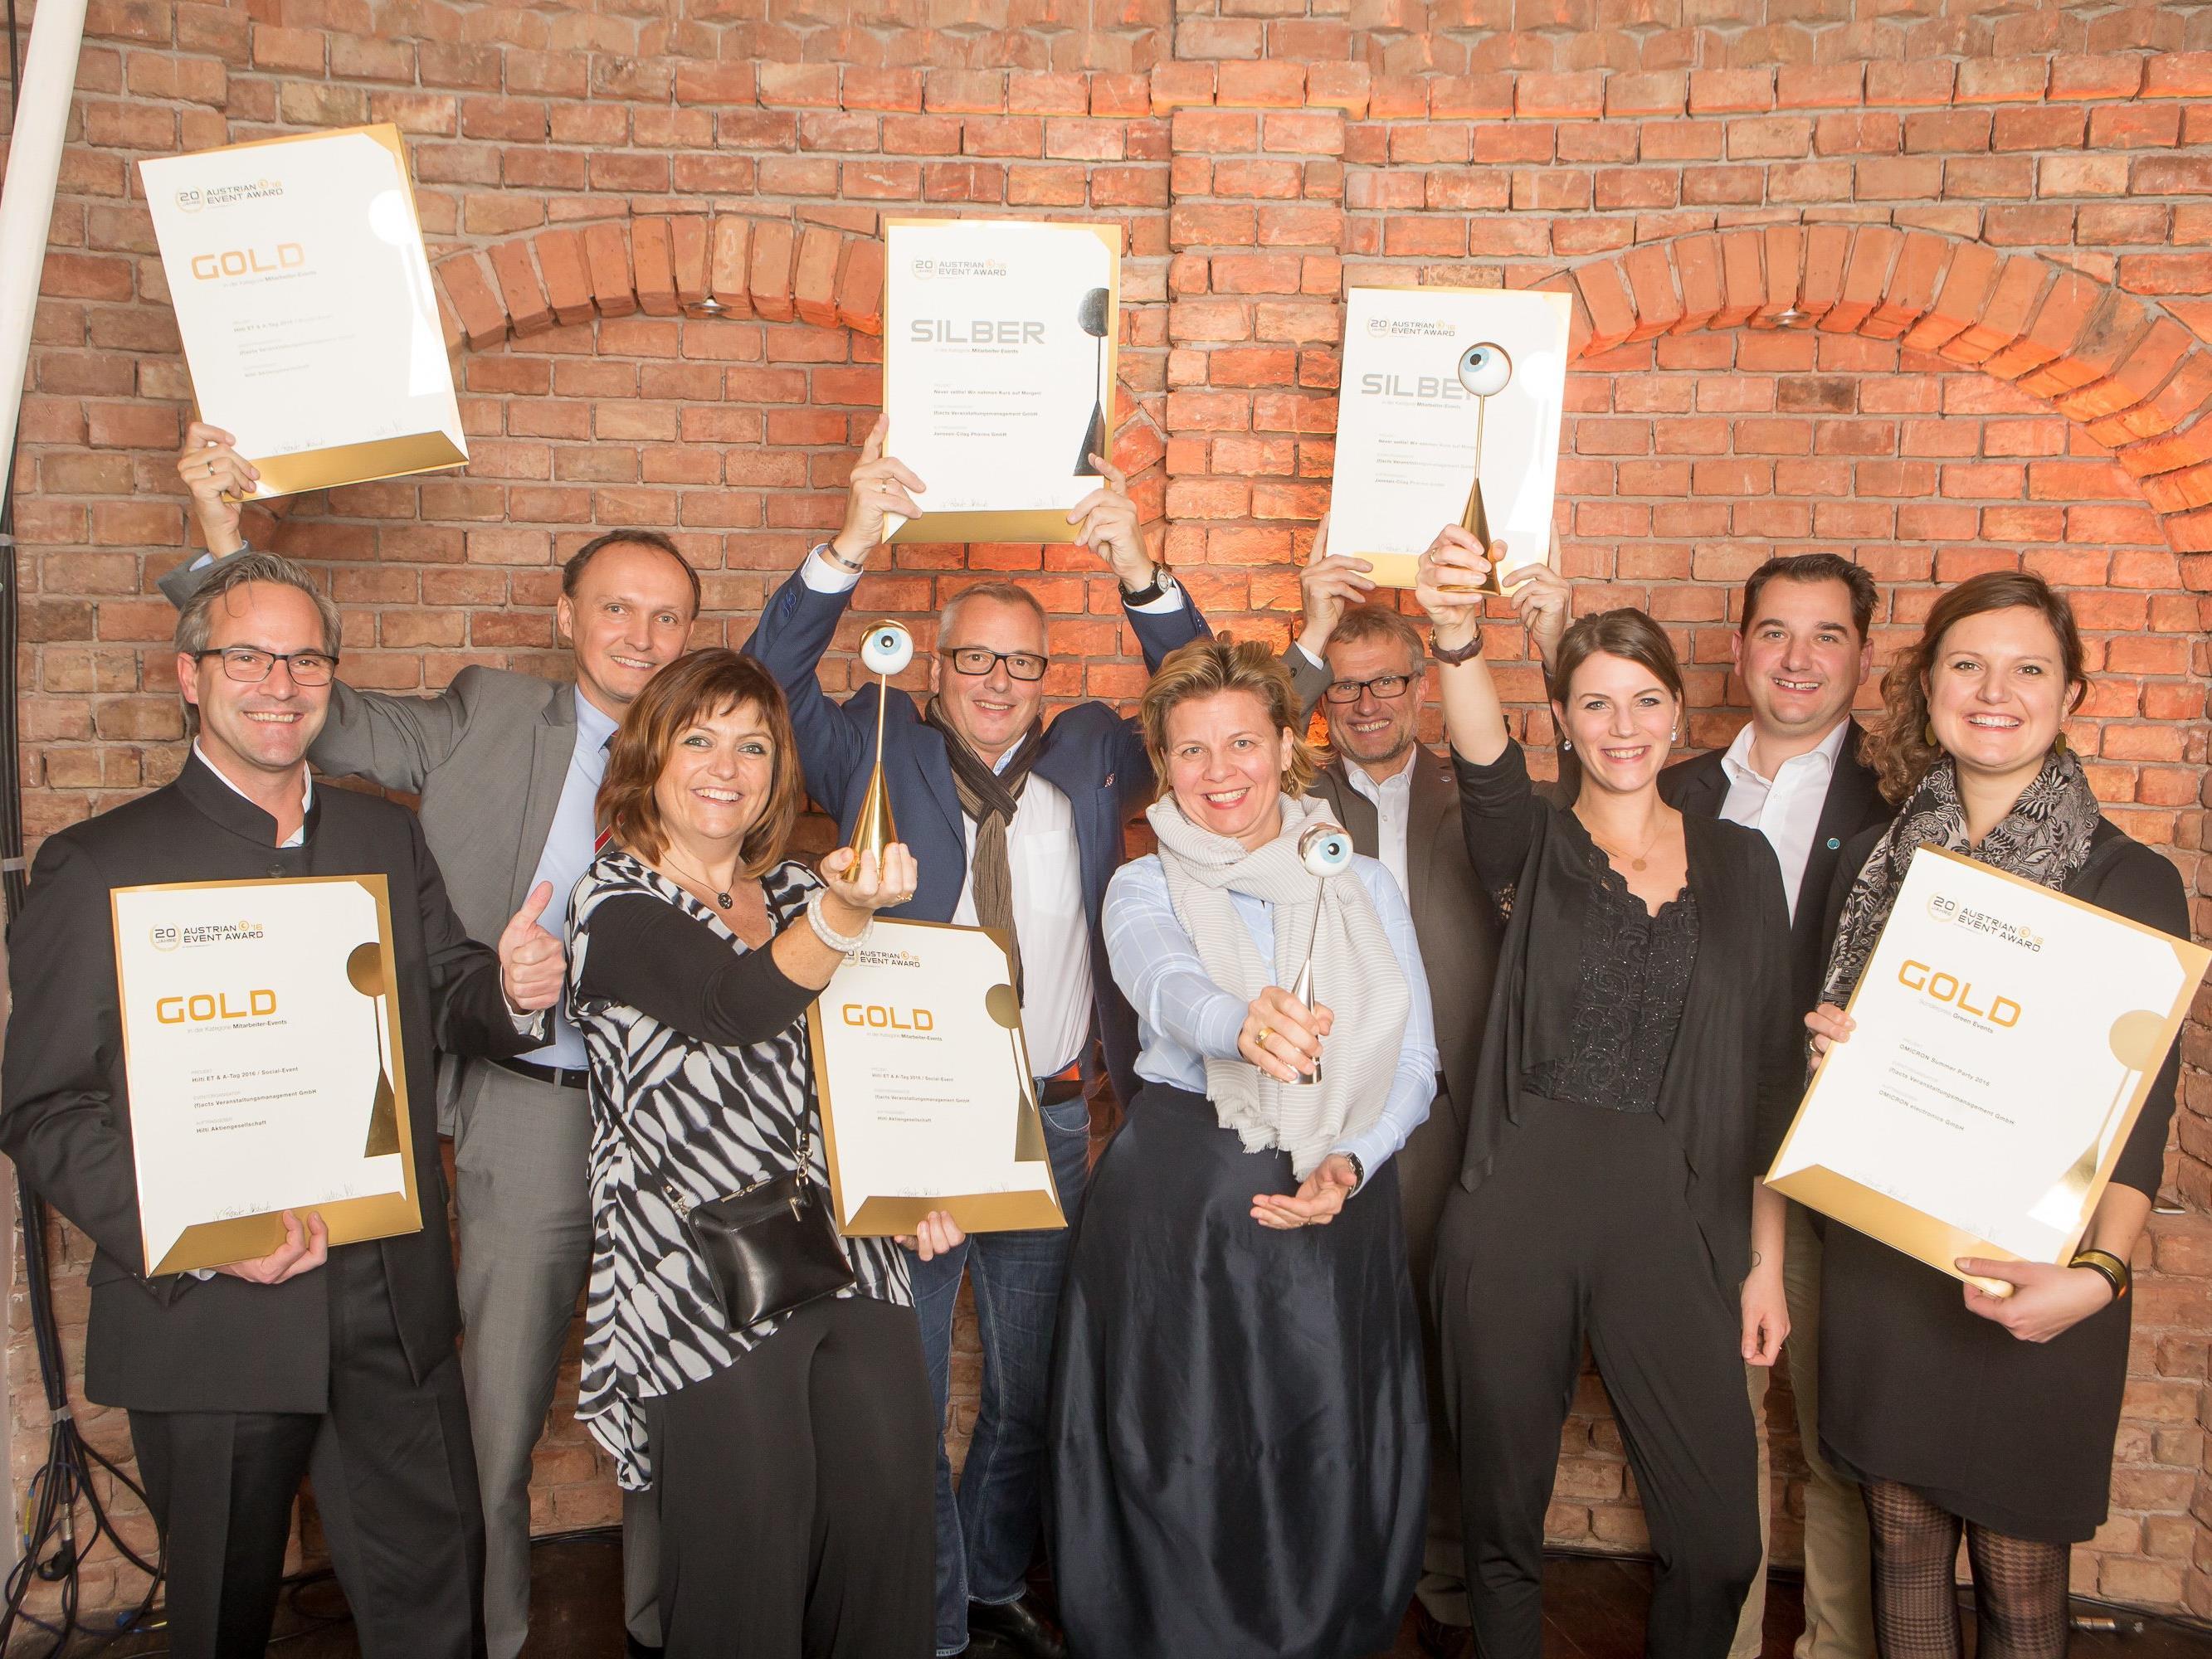 Drei Awards für drei Einreichungen – drei Top-Events für drei internationale Kunden: Die Vorarlberger Eventagentur (f)acts räumte beim diesjährigen Austrian Event Award so richtig ab.